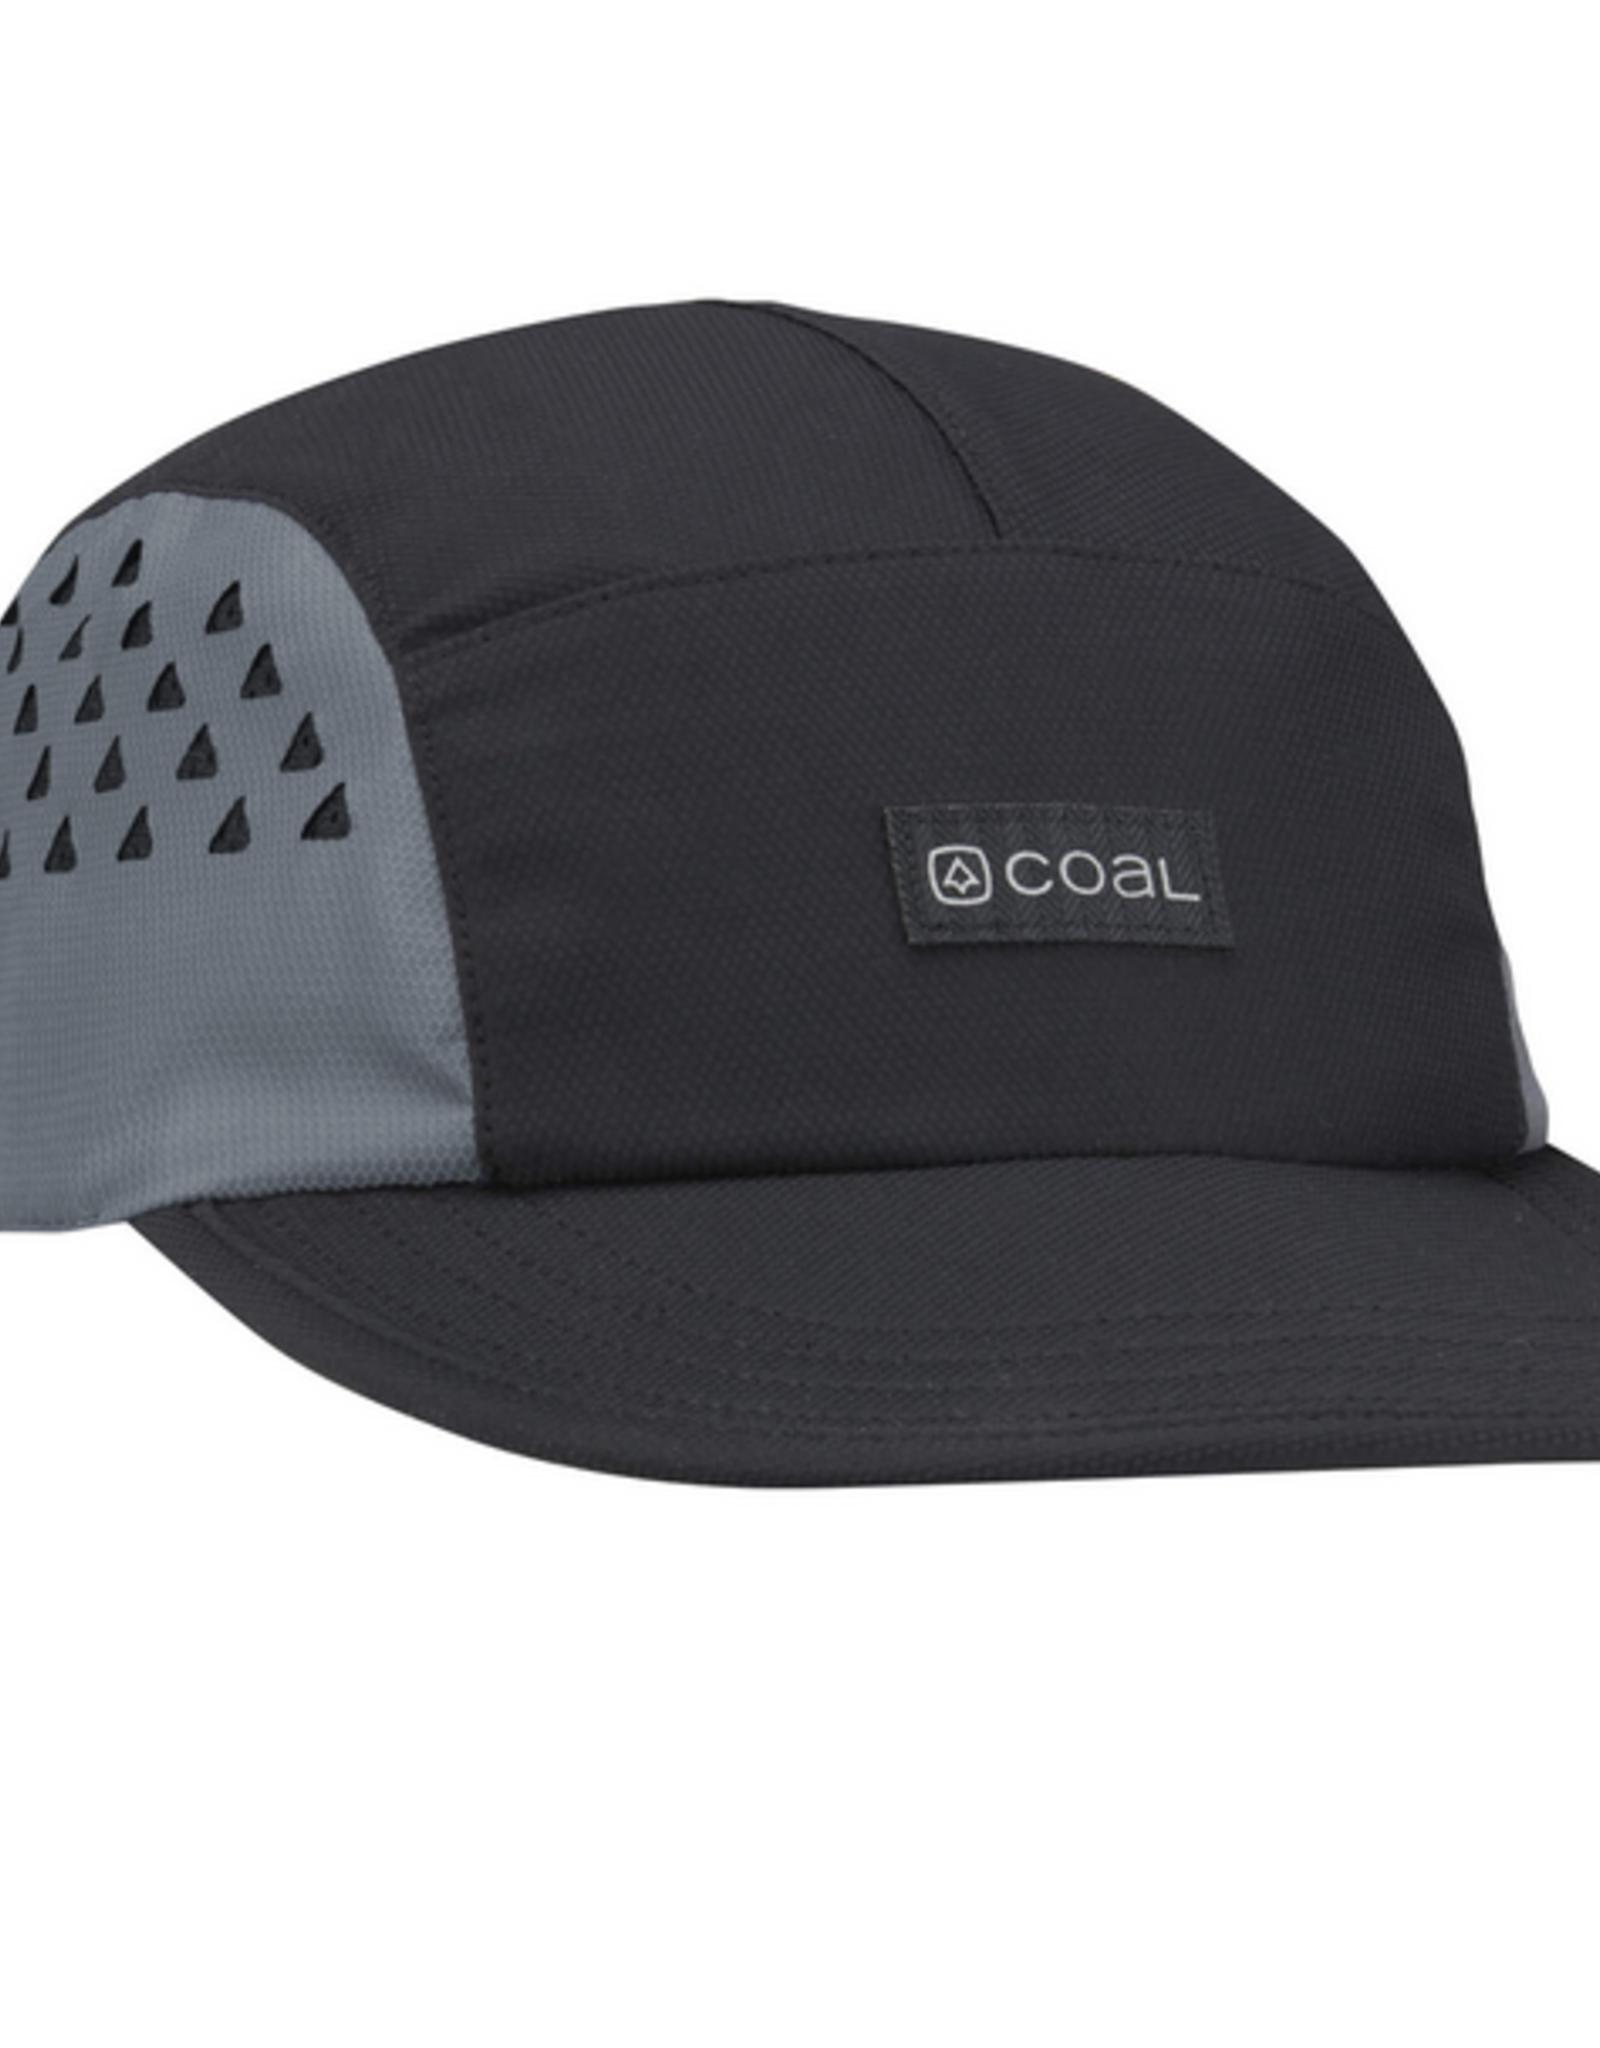 COAL COAL PROVO ELASTIC ADJ. CAP BLACK